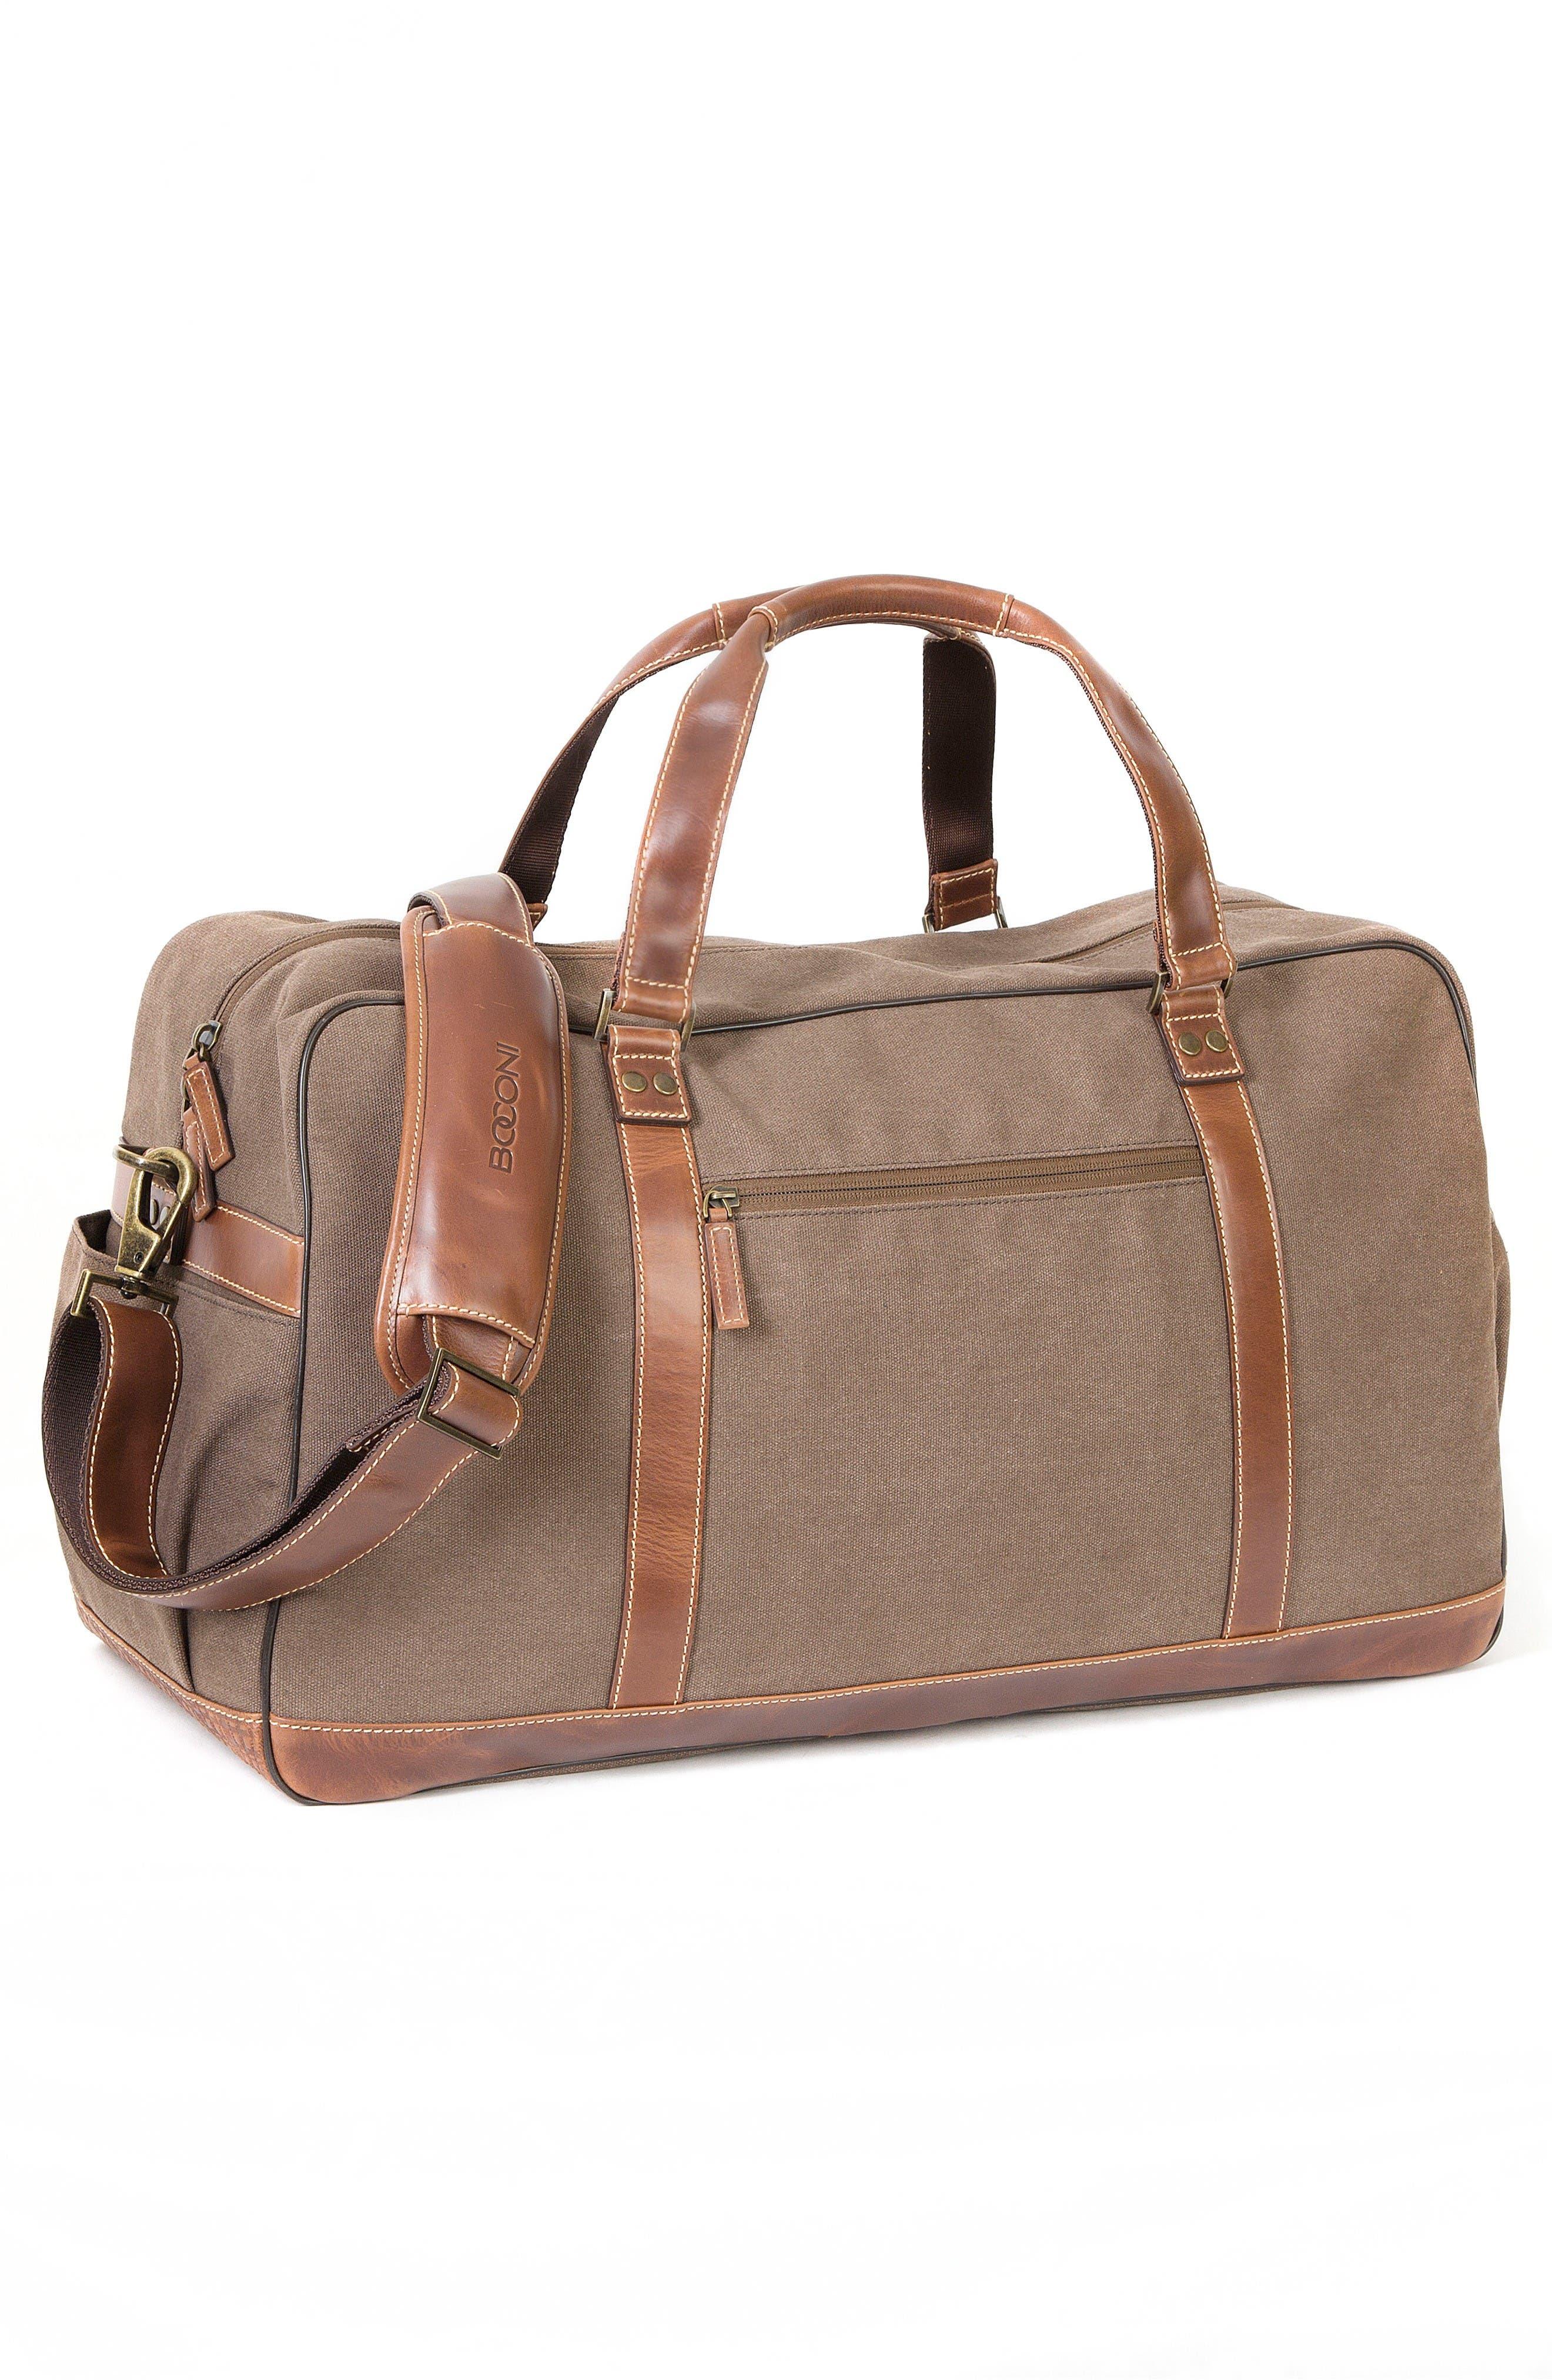 Bryant LTE Getaway Duffel Bag,                             Alternate thumbnail 5, color,                             Antique Mahogany/ Brown